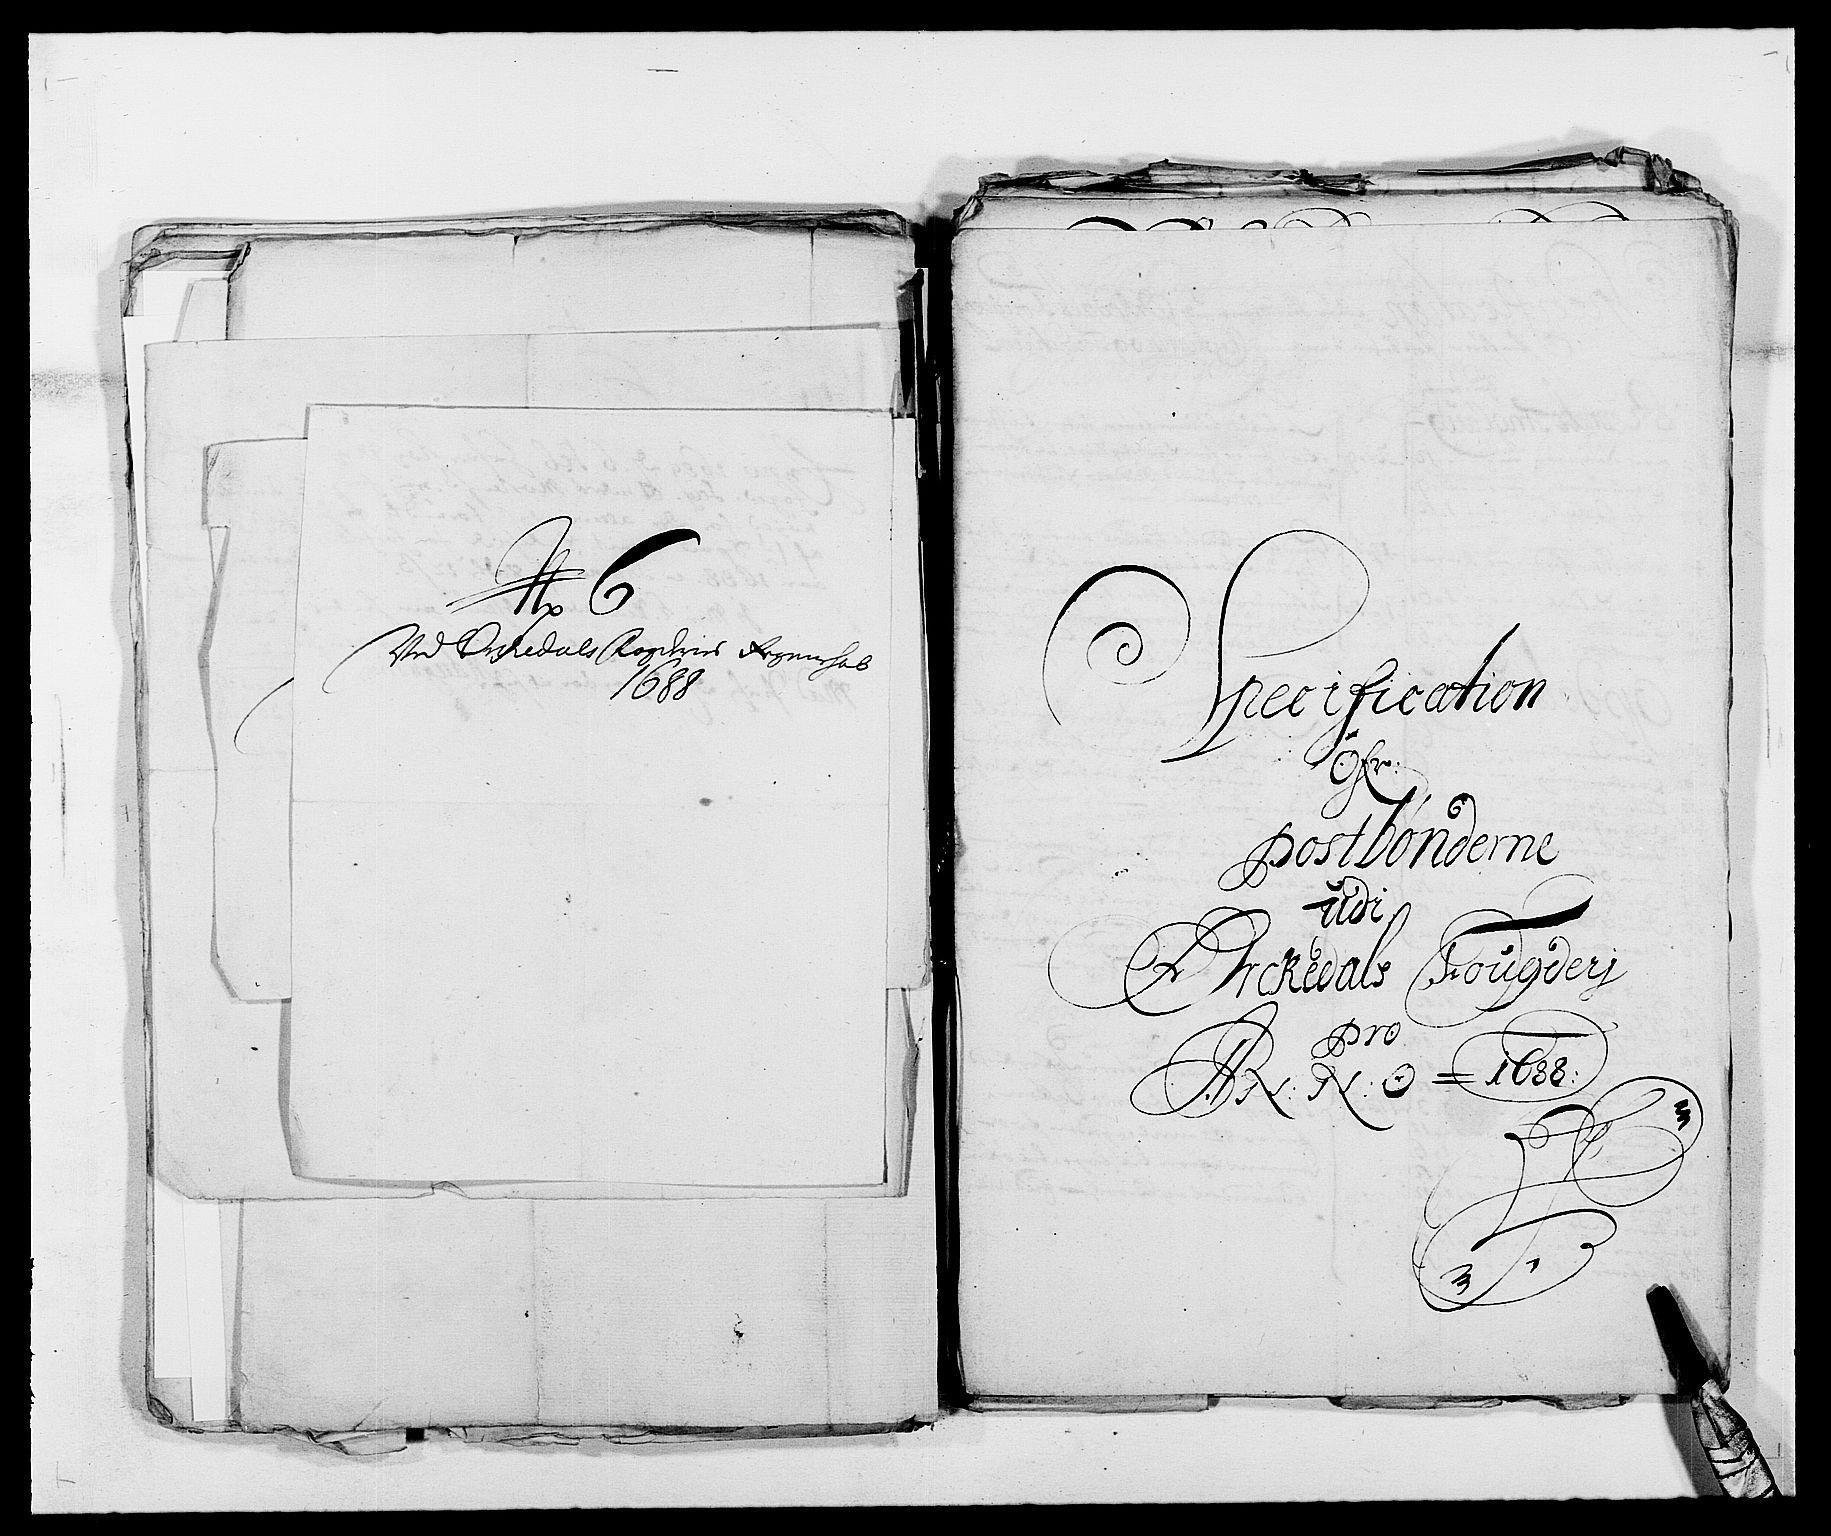 RA, Rentekammeret inntil 1814, Reviderte regnskaper, Fogderegnskap, R58/L3935: Fogderegnskap Orkdal, 1687-1688, s. 367